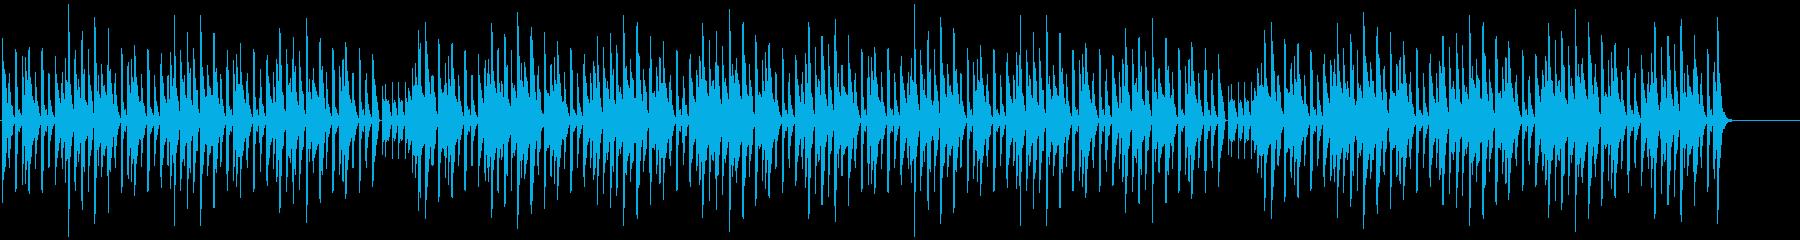 グルービーなリズムのシンプルなリフの再生済みの波形